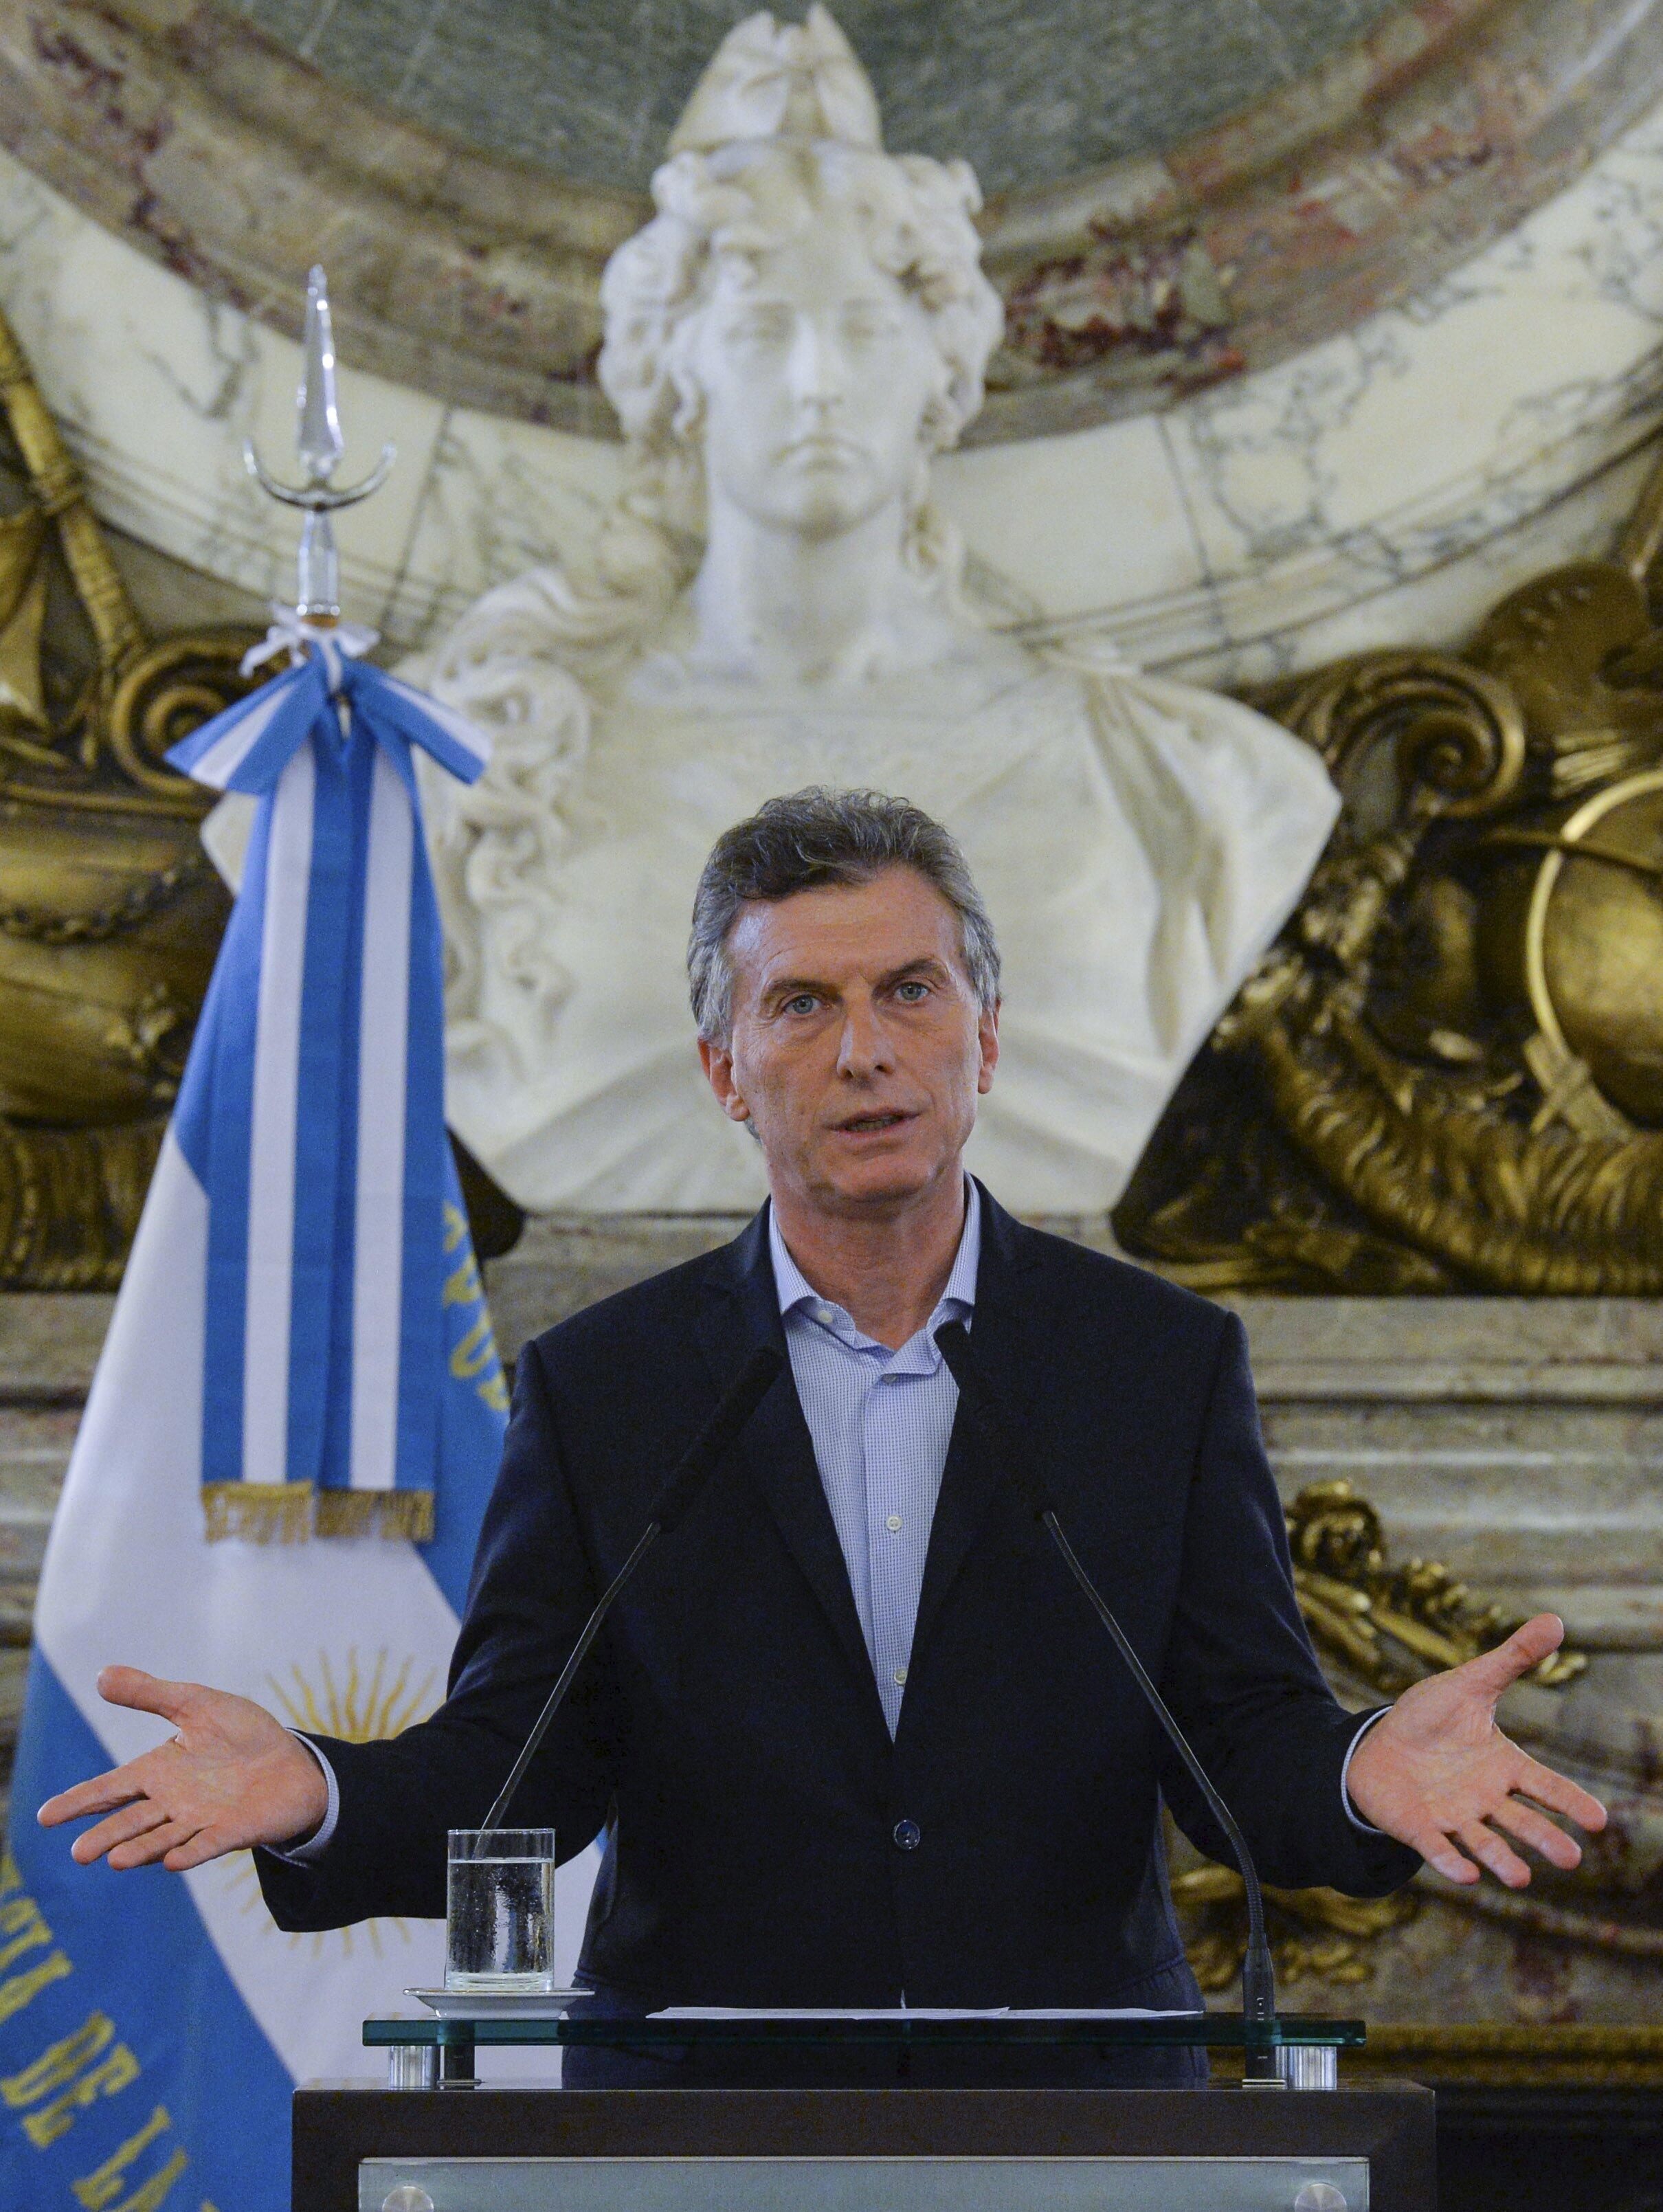 El presidente argentino Mauricio Macri.